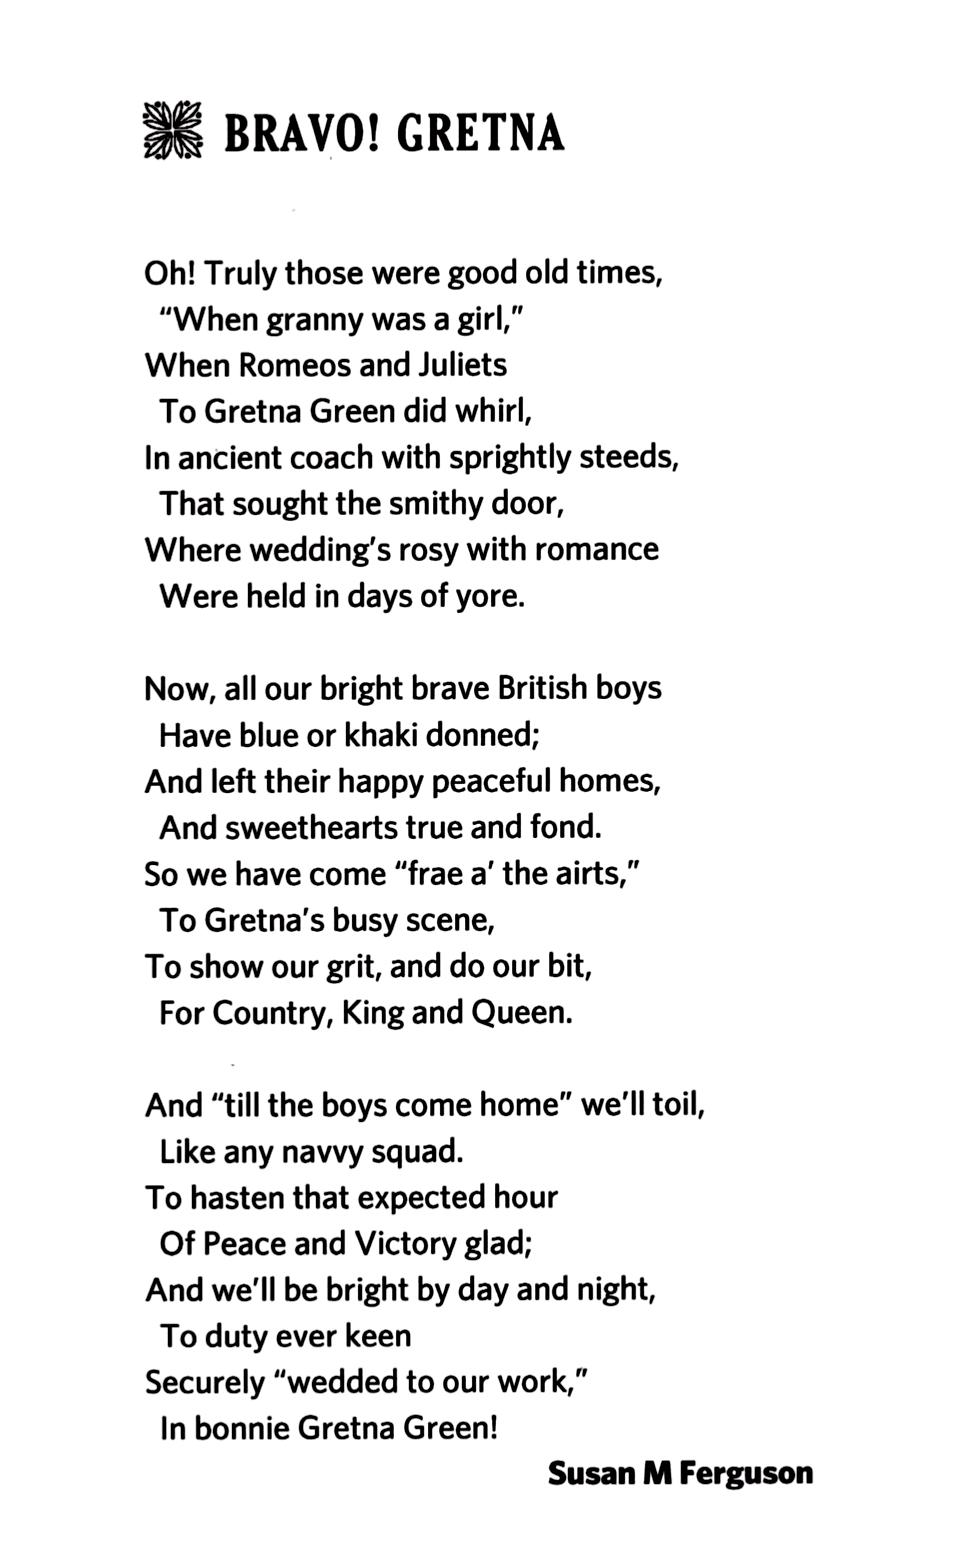 bravo gretna poem